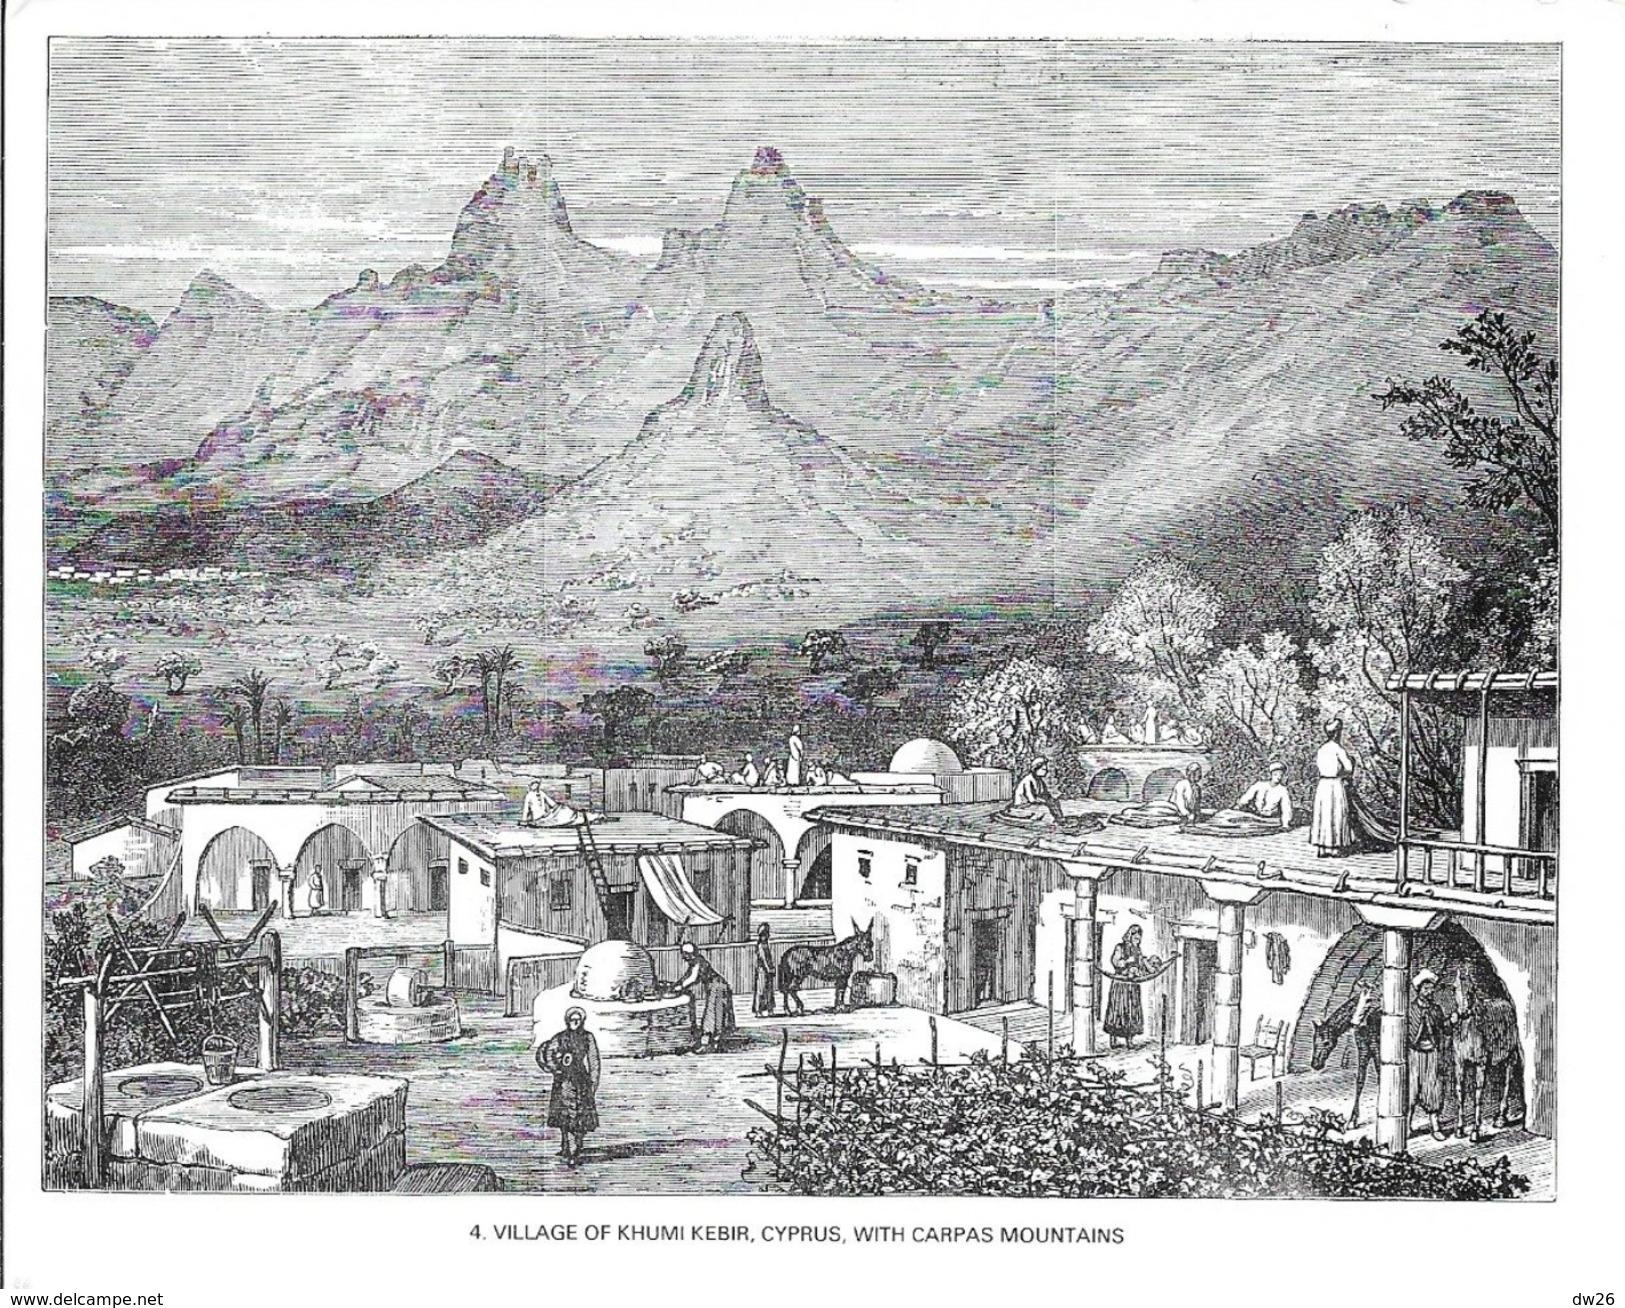 Chypre - Illustration, Dessin à La Plume: Village Of Khumi Kebir, Cyprus, With Carpas Mountains - Carte Non Circulée - Chypre